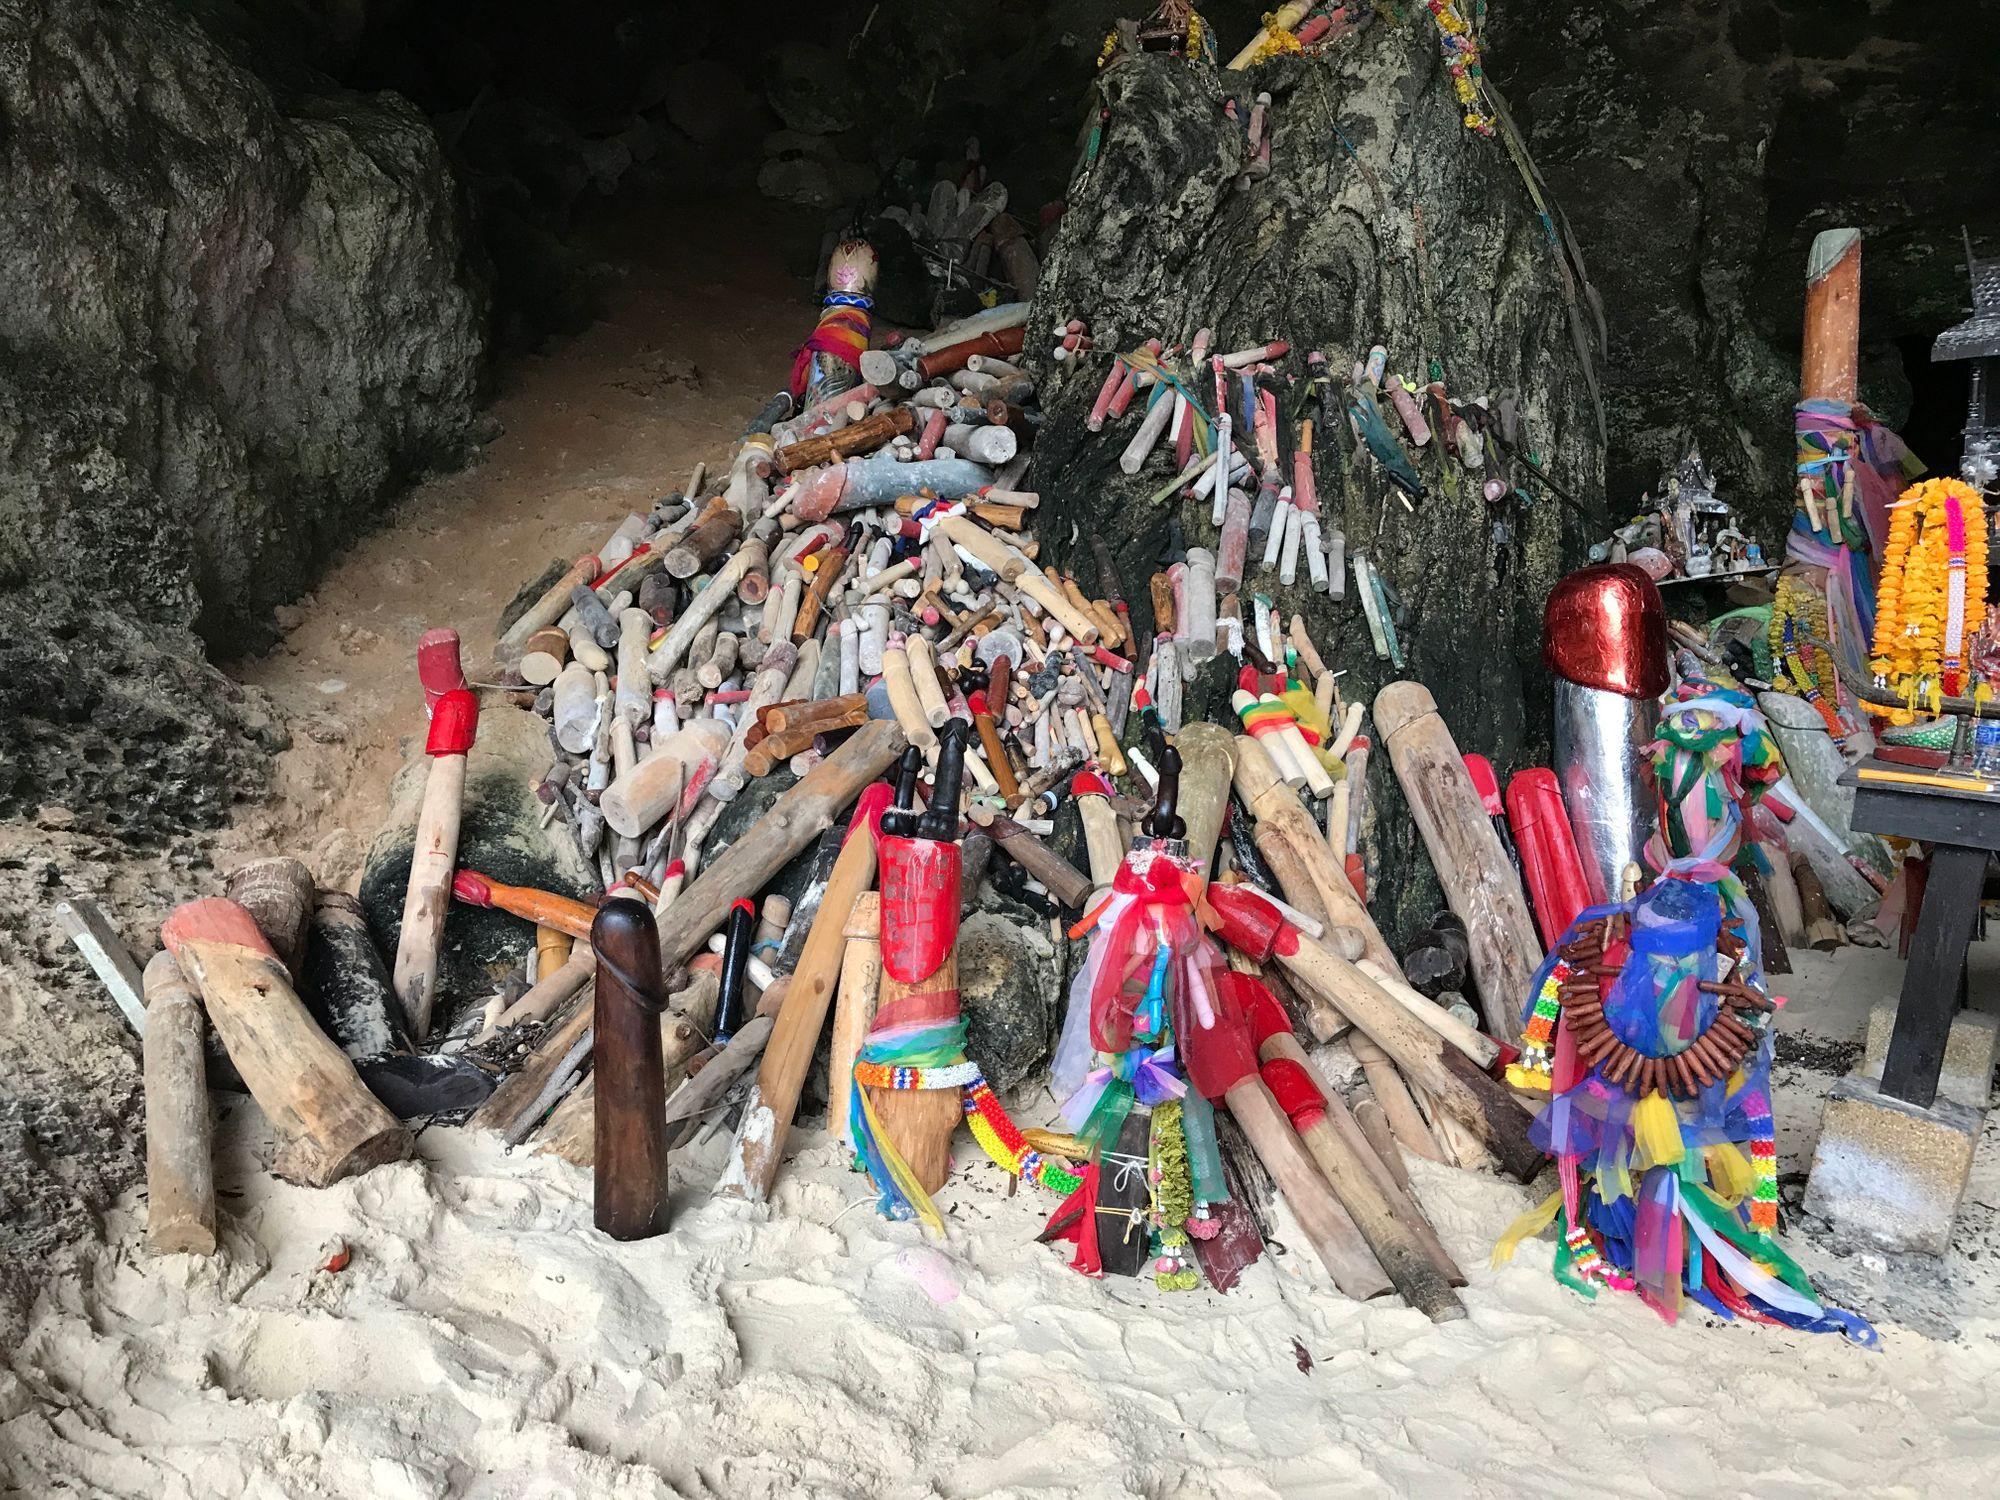 La cueva de la diosa o la fertilidad. También conocida como la cueva de los penes.